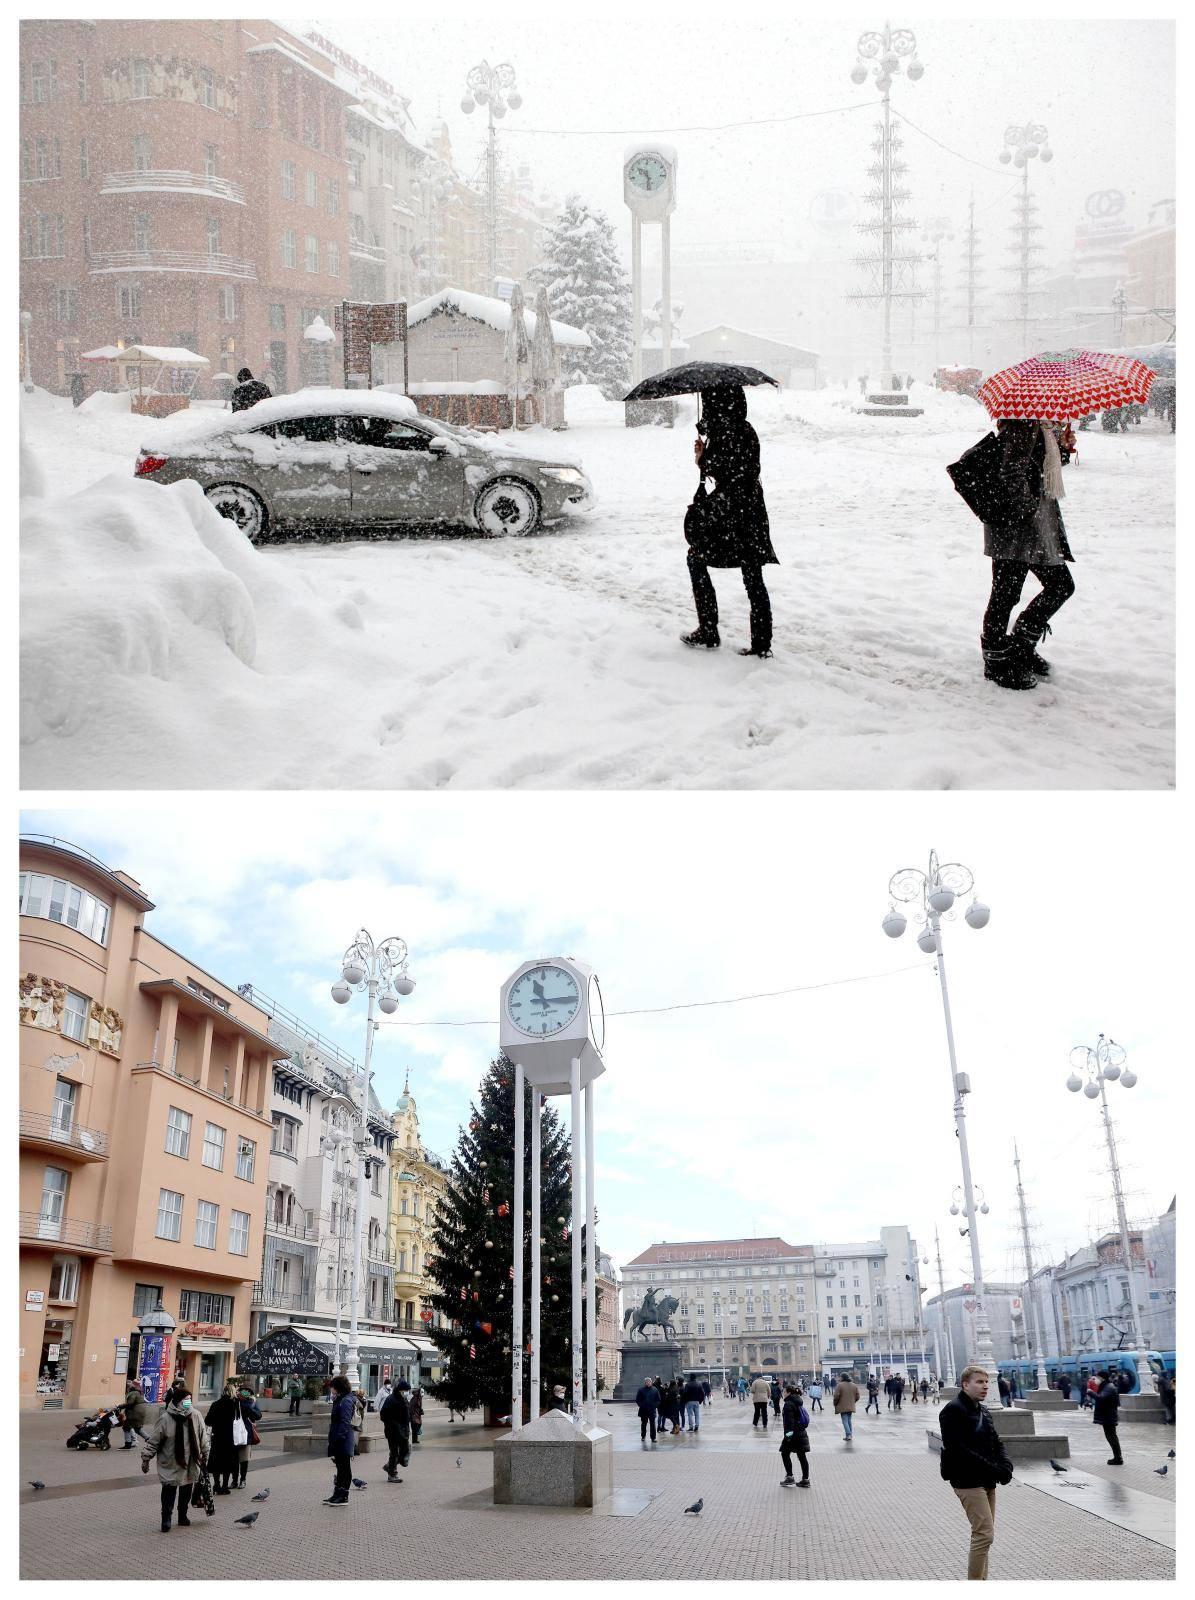 Na današnji dan prisjećamo se snježne mećave koja je zahvatila Zagreb prije točno osam godina